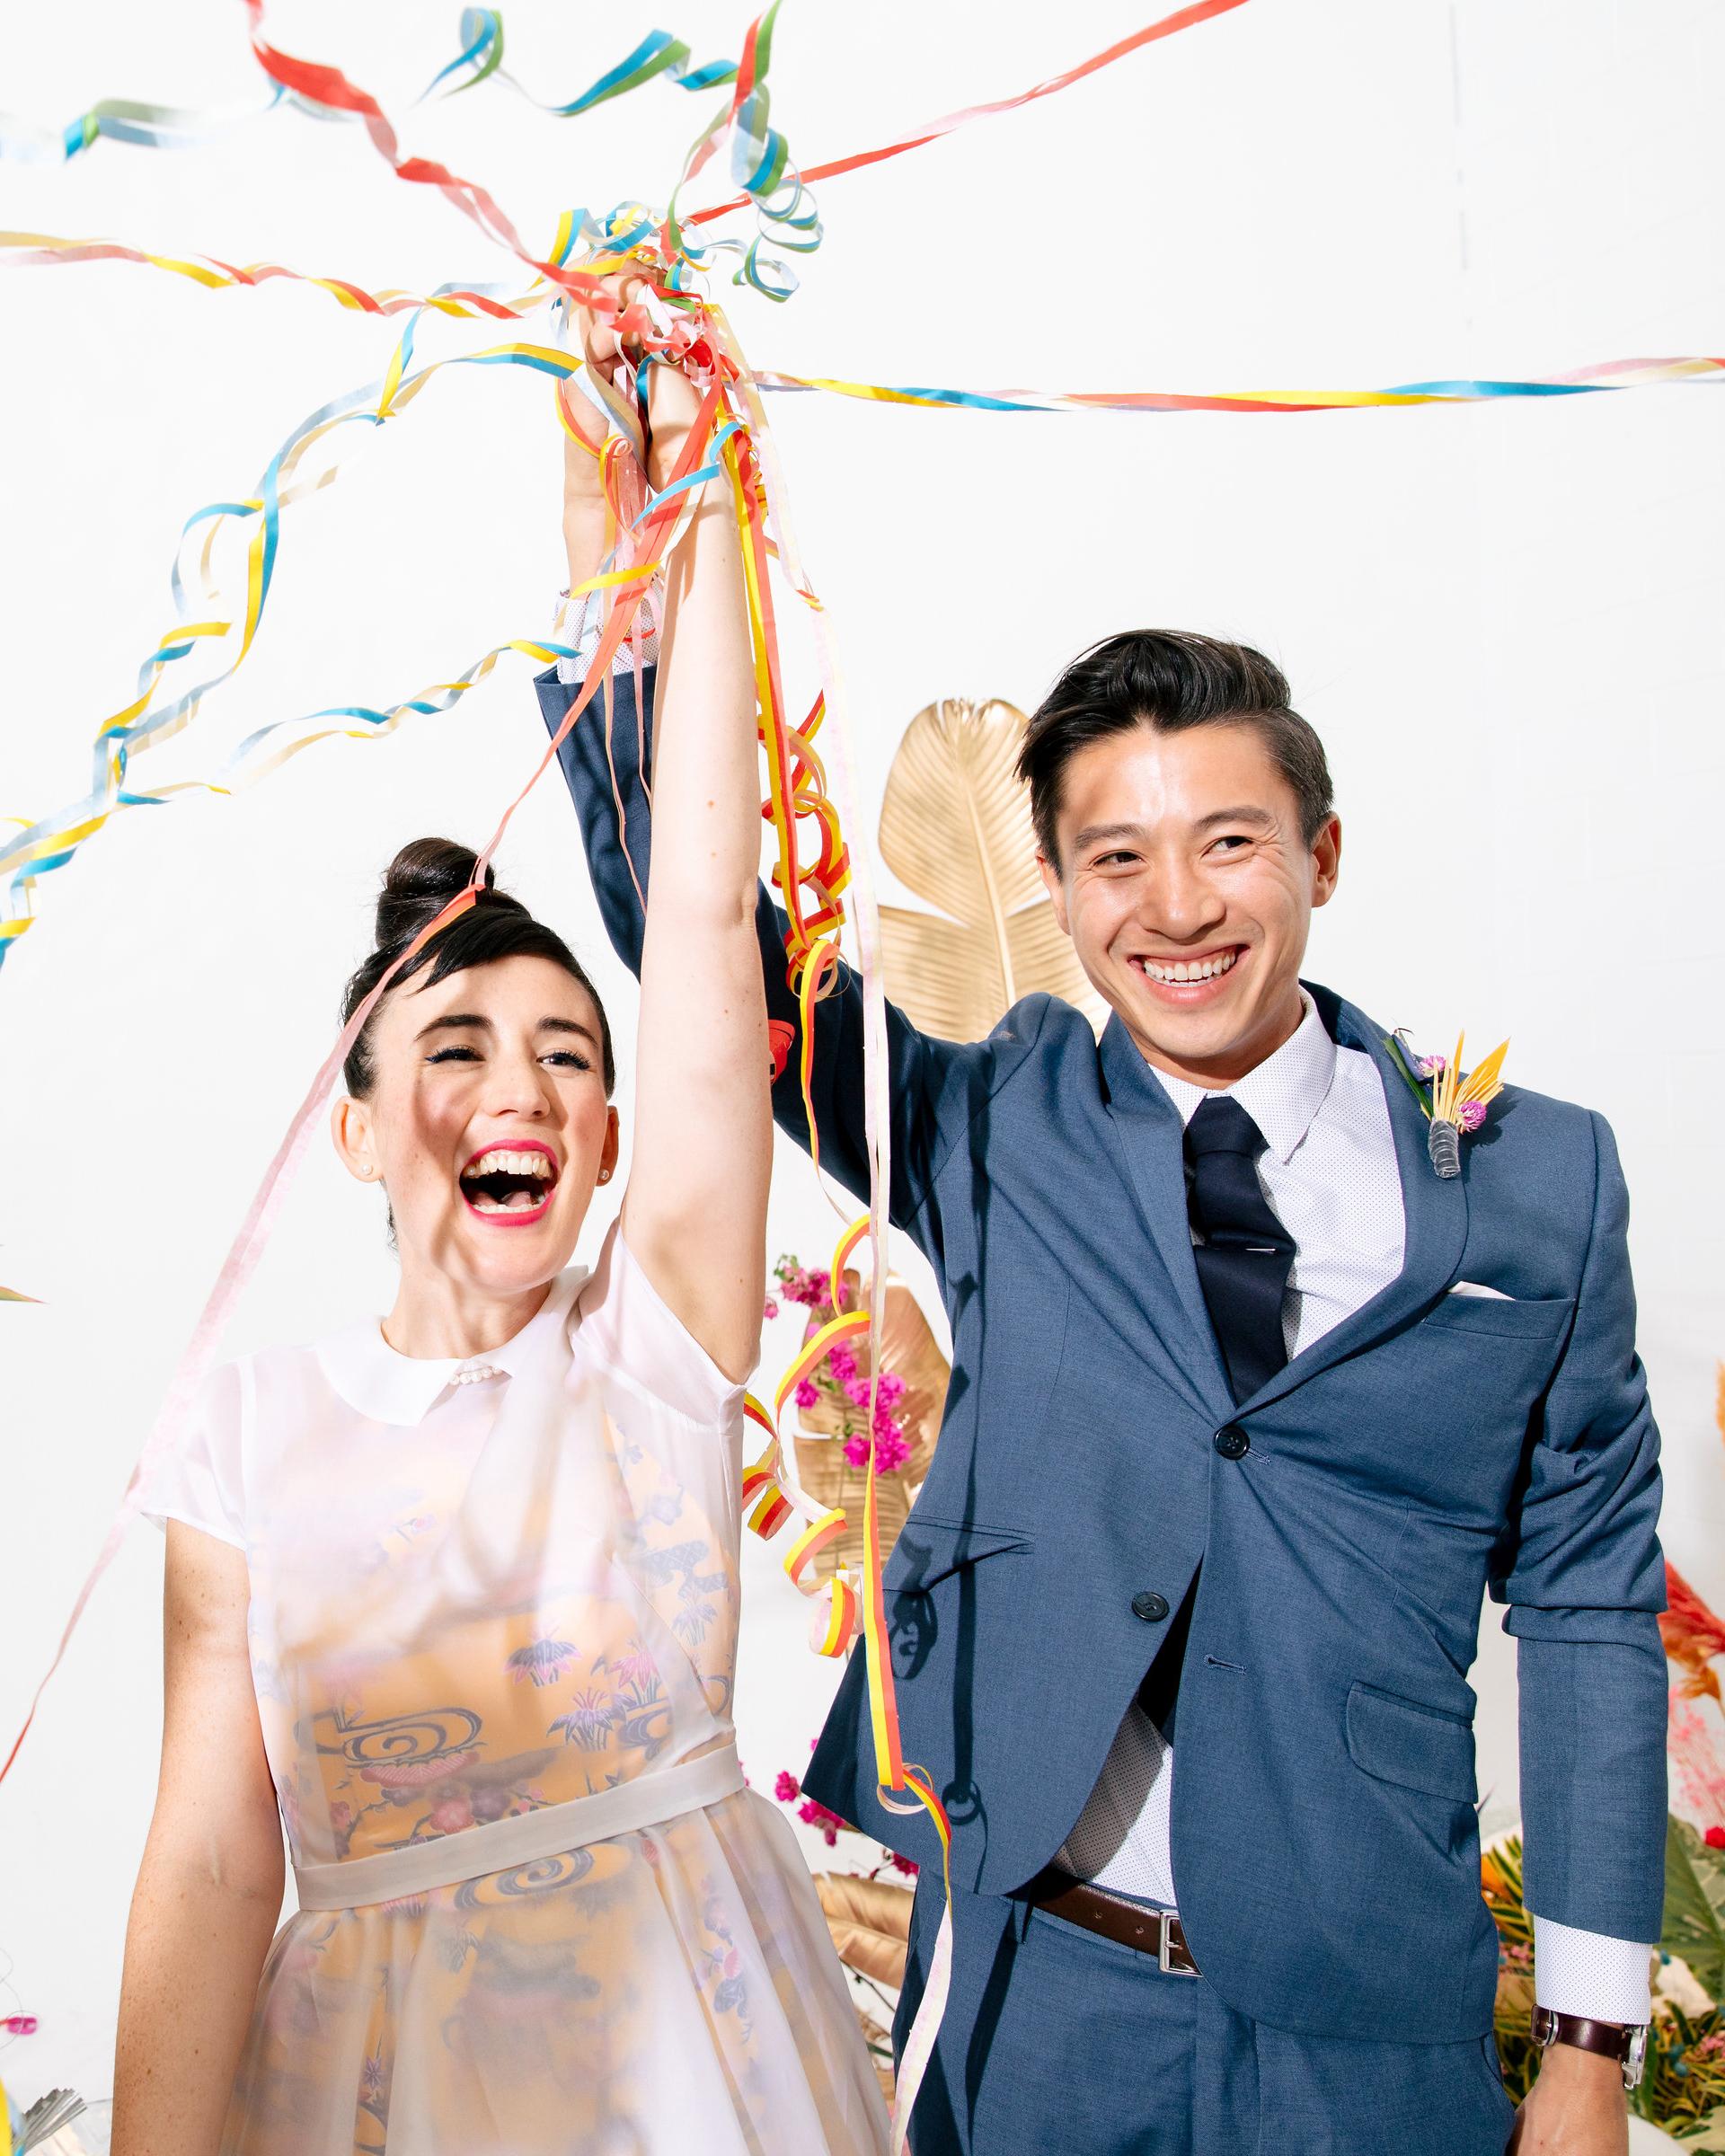 tashina huy colorful wedding couple streamers